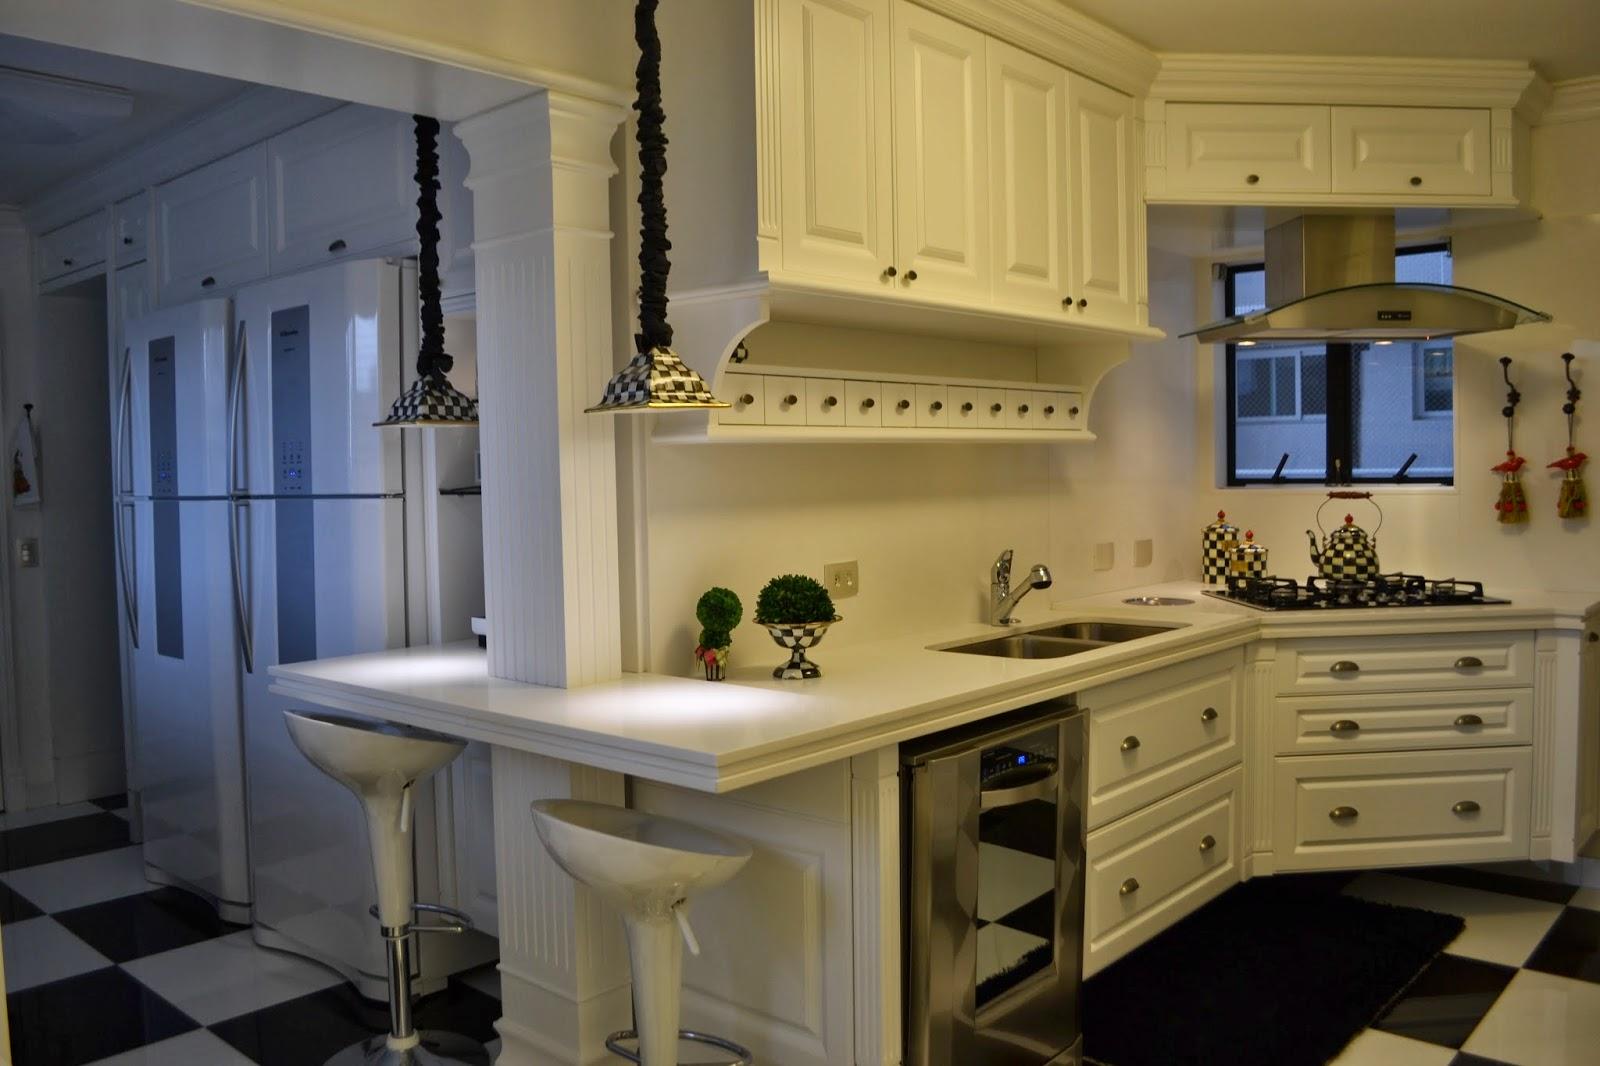 Cozinhas Retro Moderna Cozinha Moderna Com Branco E Metalizado